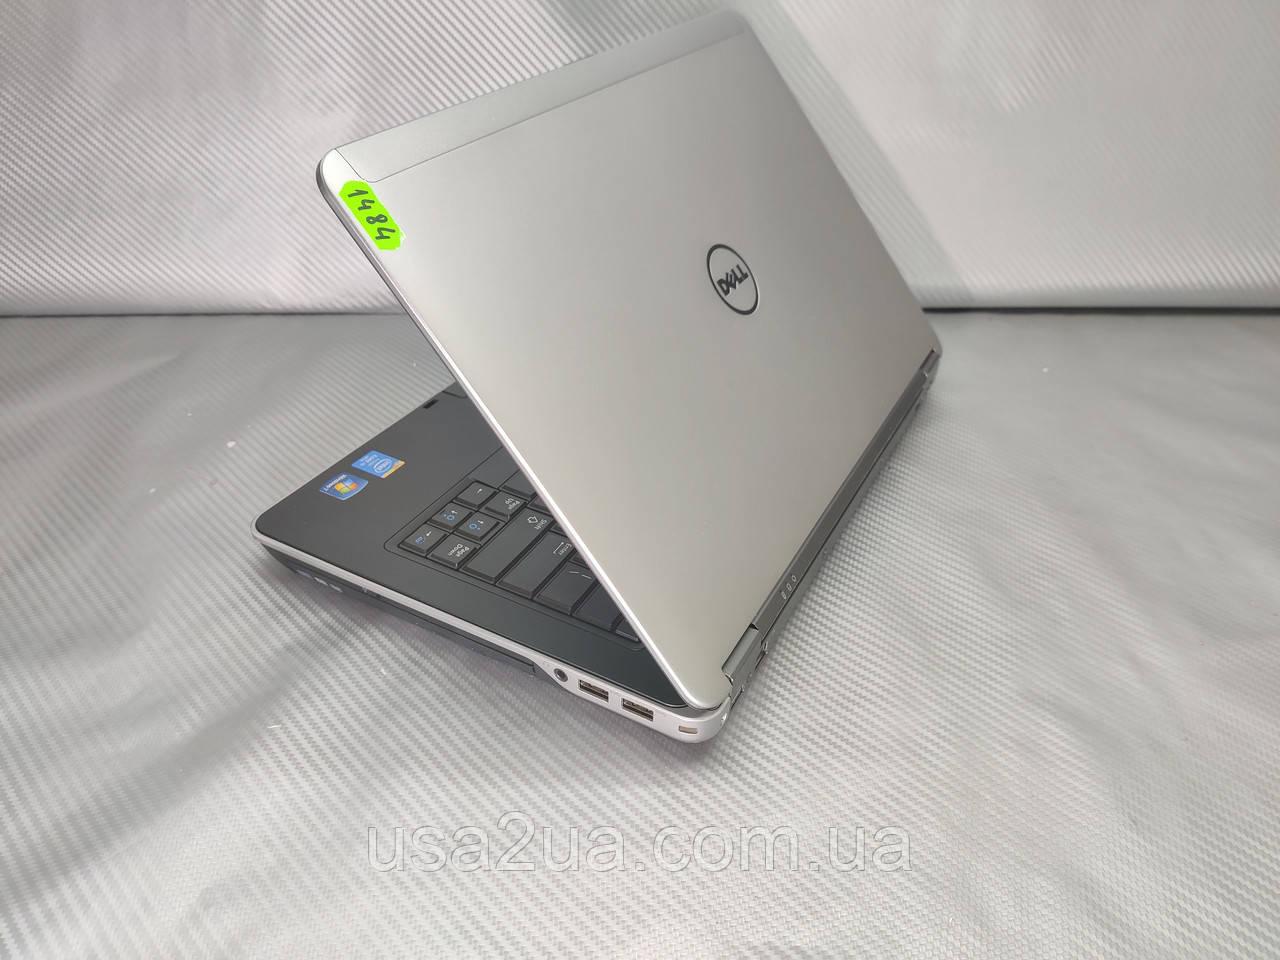 Мощный Ноутбук Dell Latitude E6440 Core i5 4Gen 500gb 4Gb WEB cam Кредит Гарантия Доставка